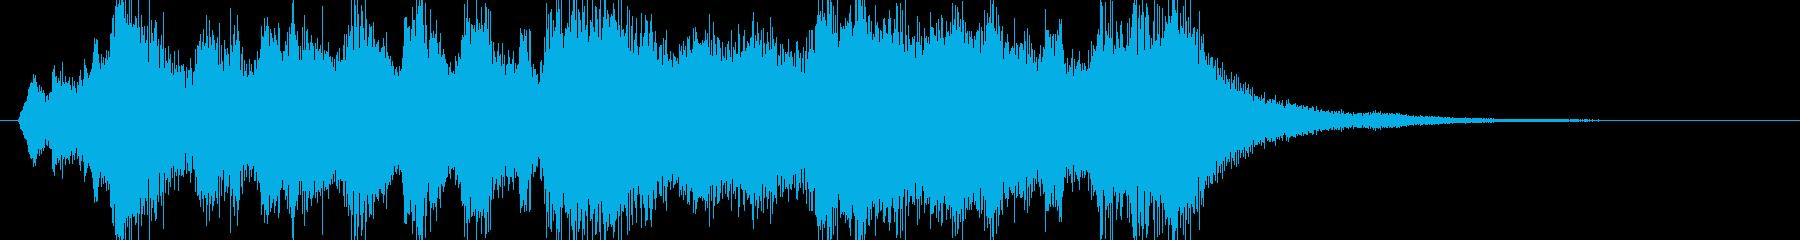 祝典オーケストラファンファーレの再生済みの波形